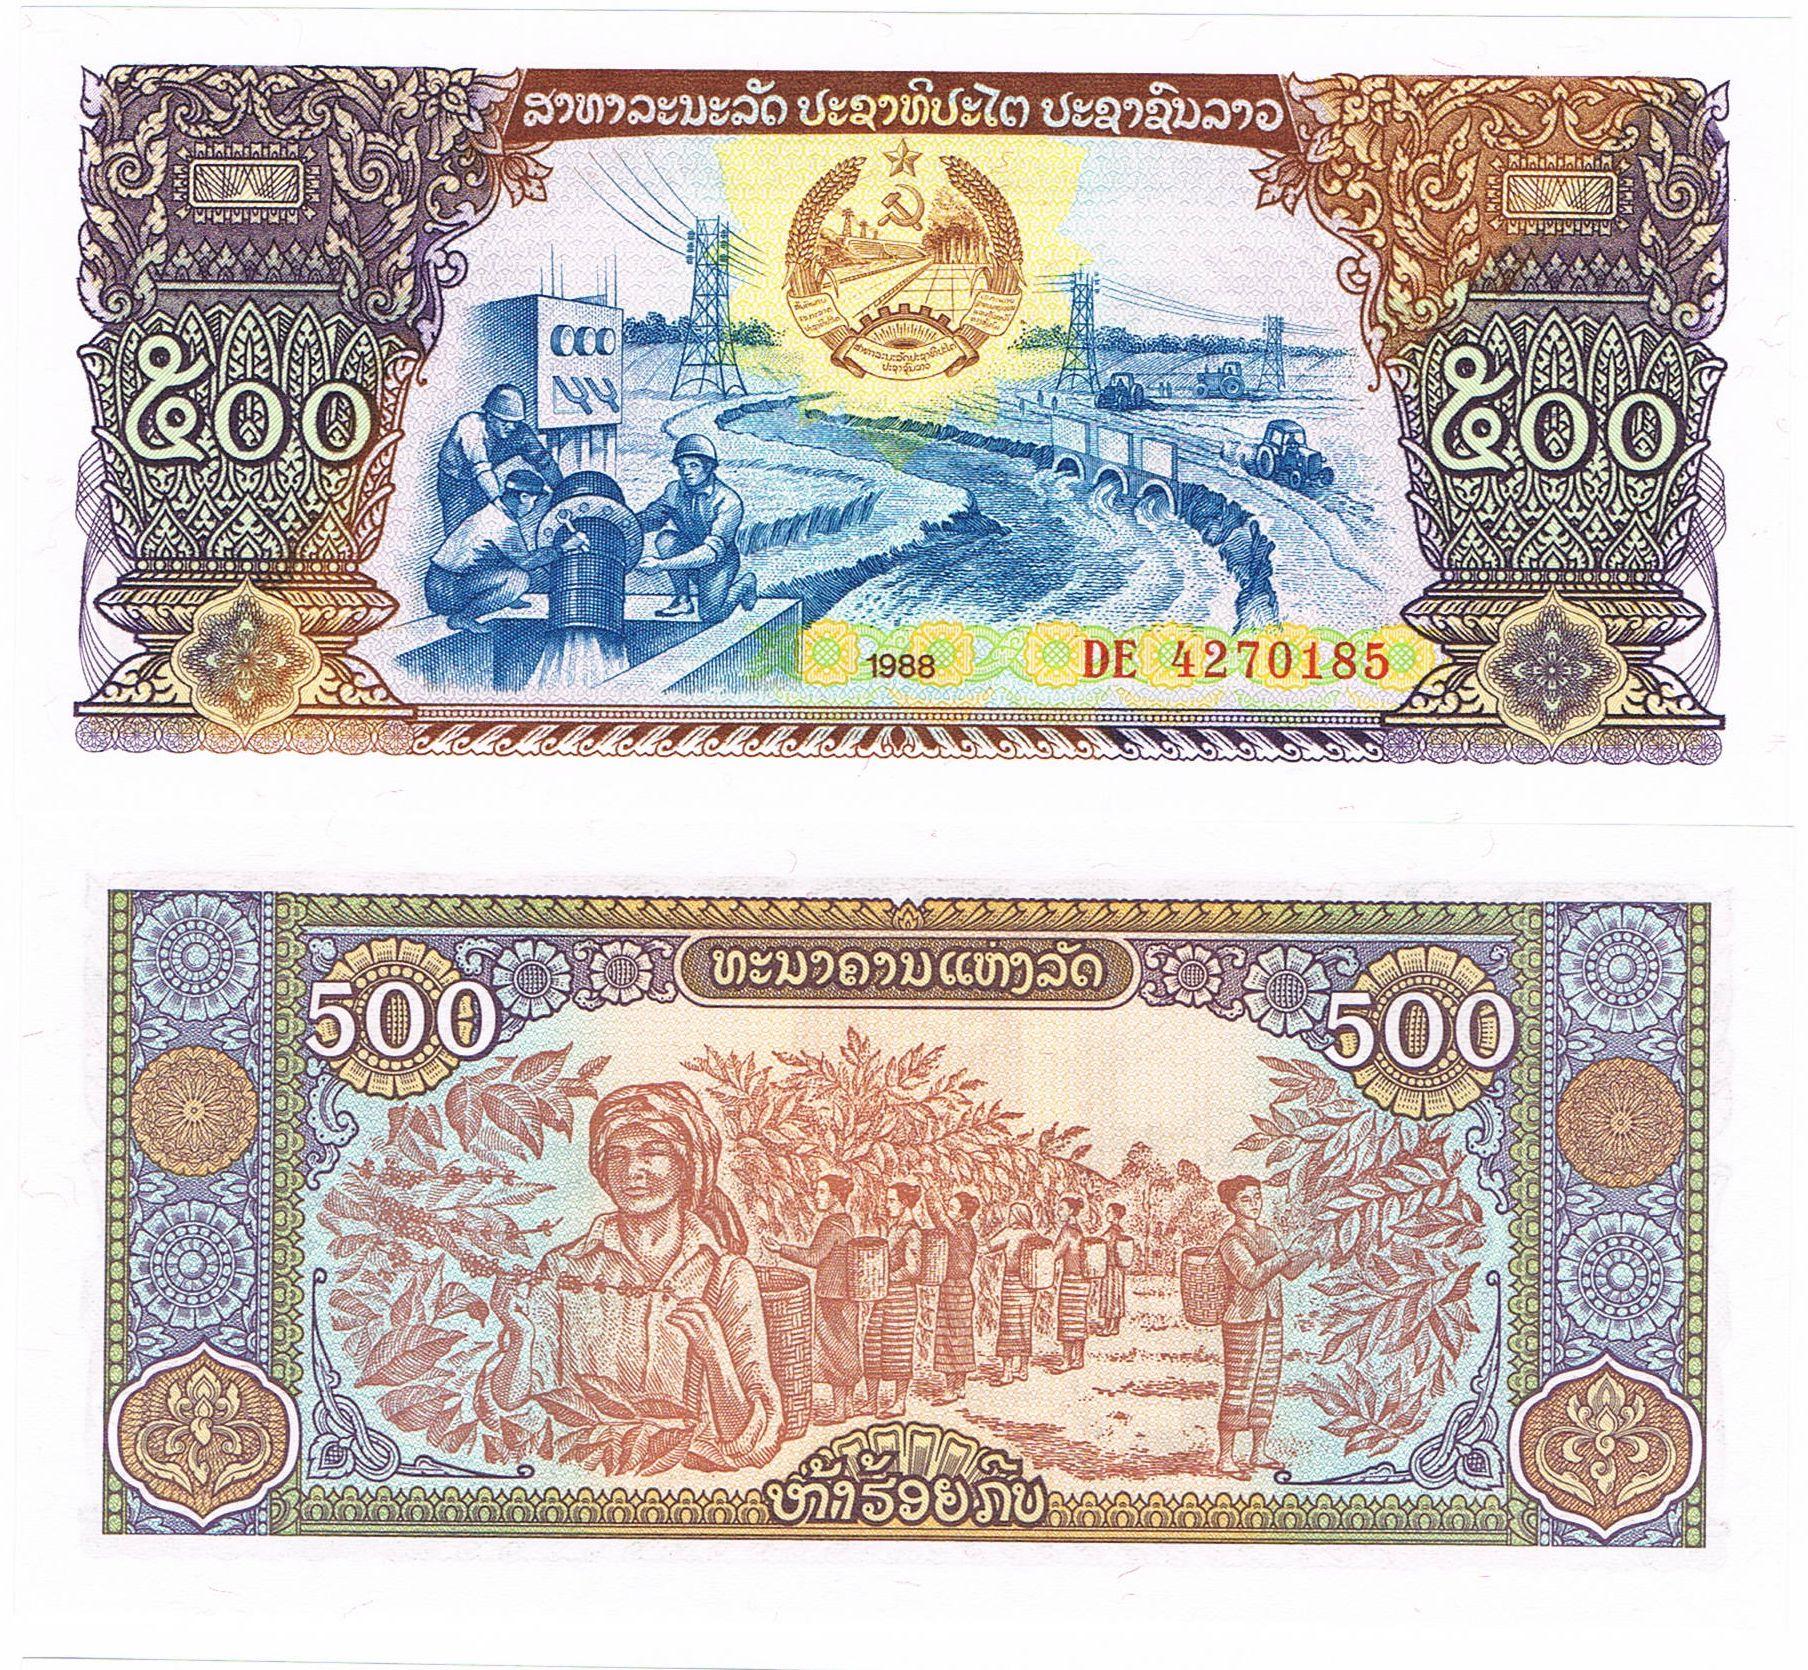 Банкнота Лаоса 500 кип P-31 UNC